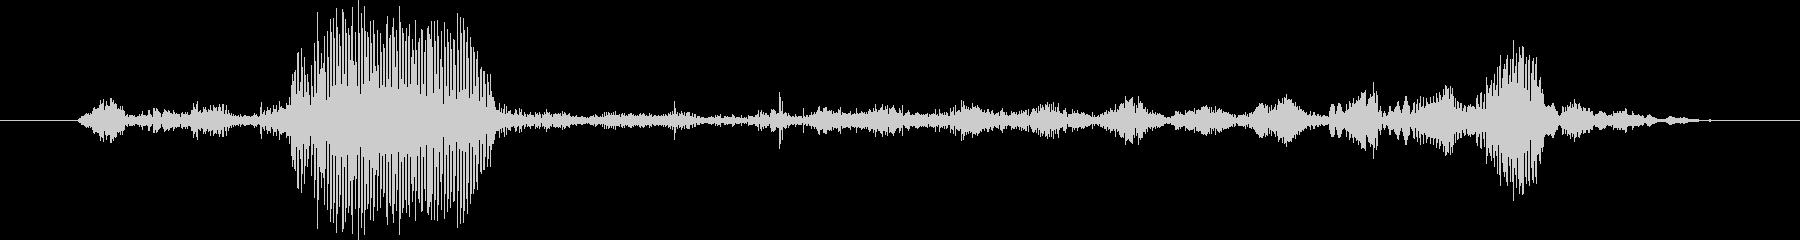 ヤギ Baaingヤギ01の未再生の波形